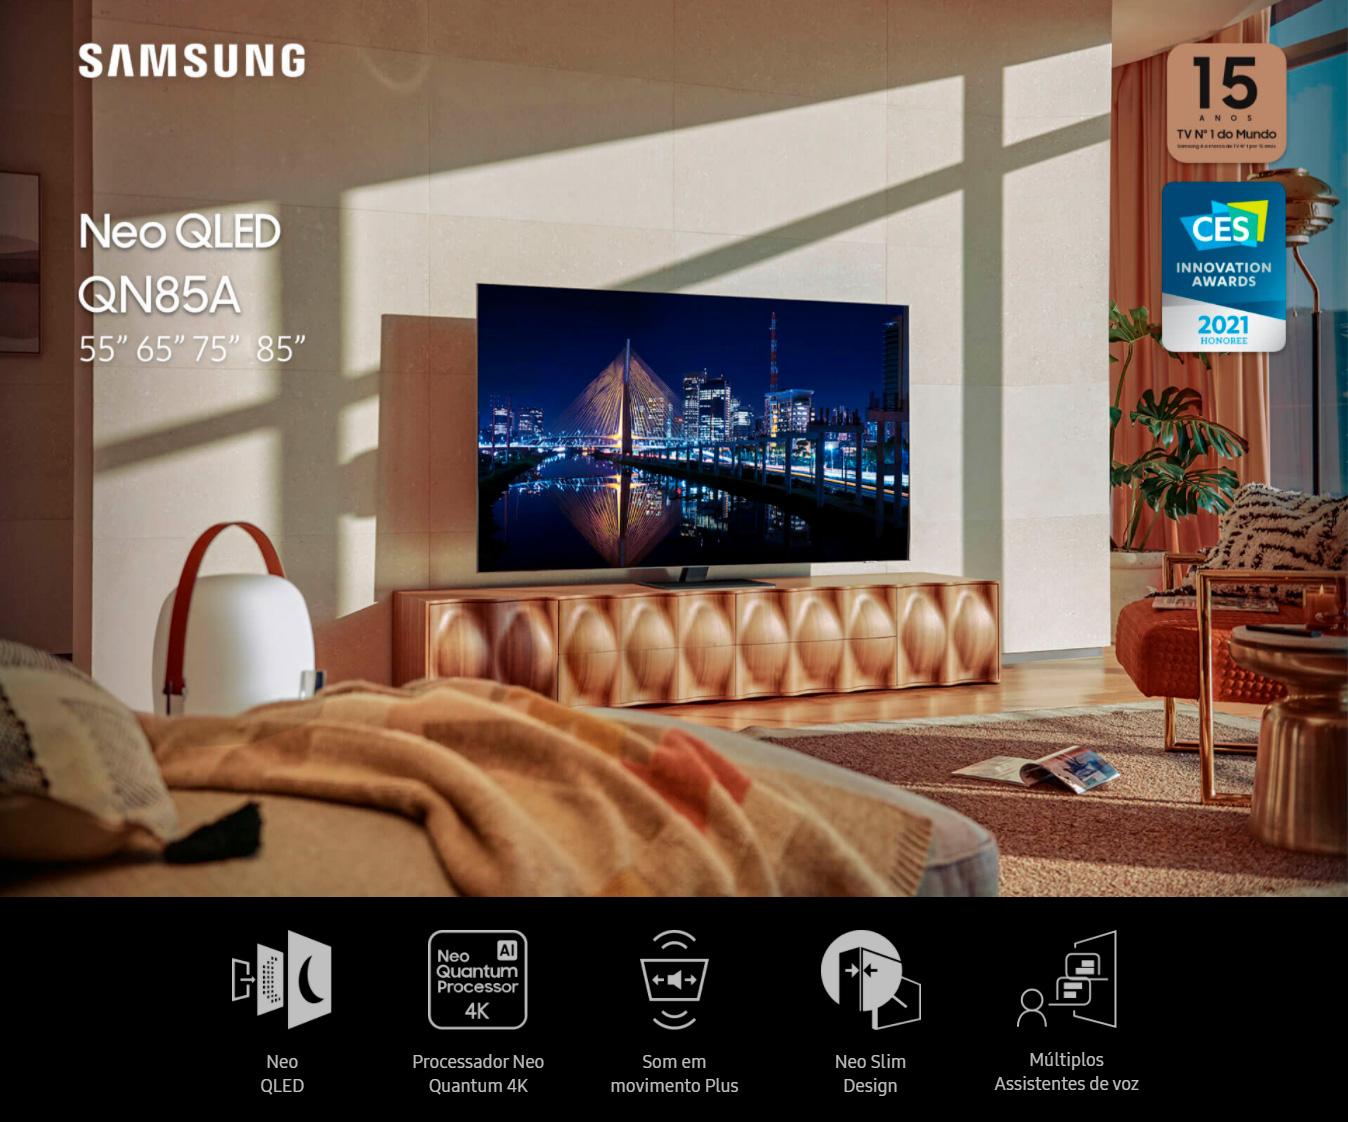 Smart TV 85 Neo QLED 4K Samsung  85QN85A, Mini Led, Painel 120hz, Processador IA, Som em Movimento, Tela sem limites, Design slim, Alexa built in